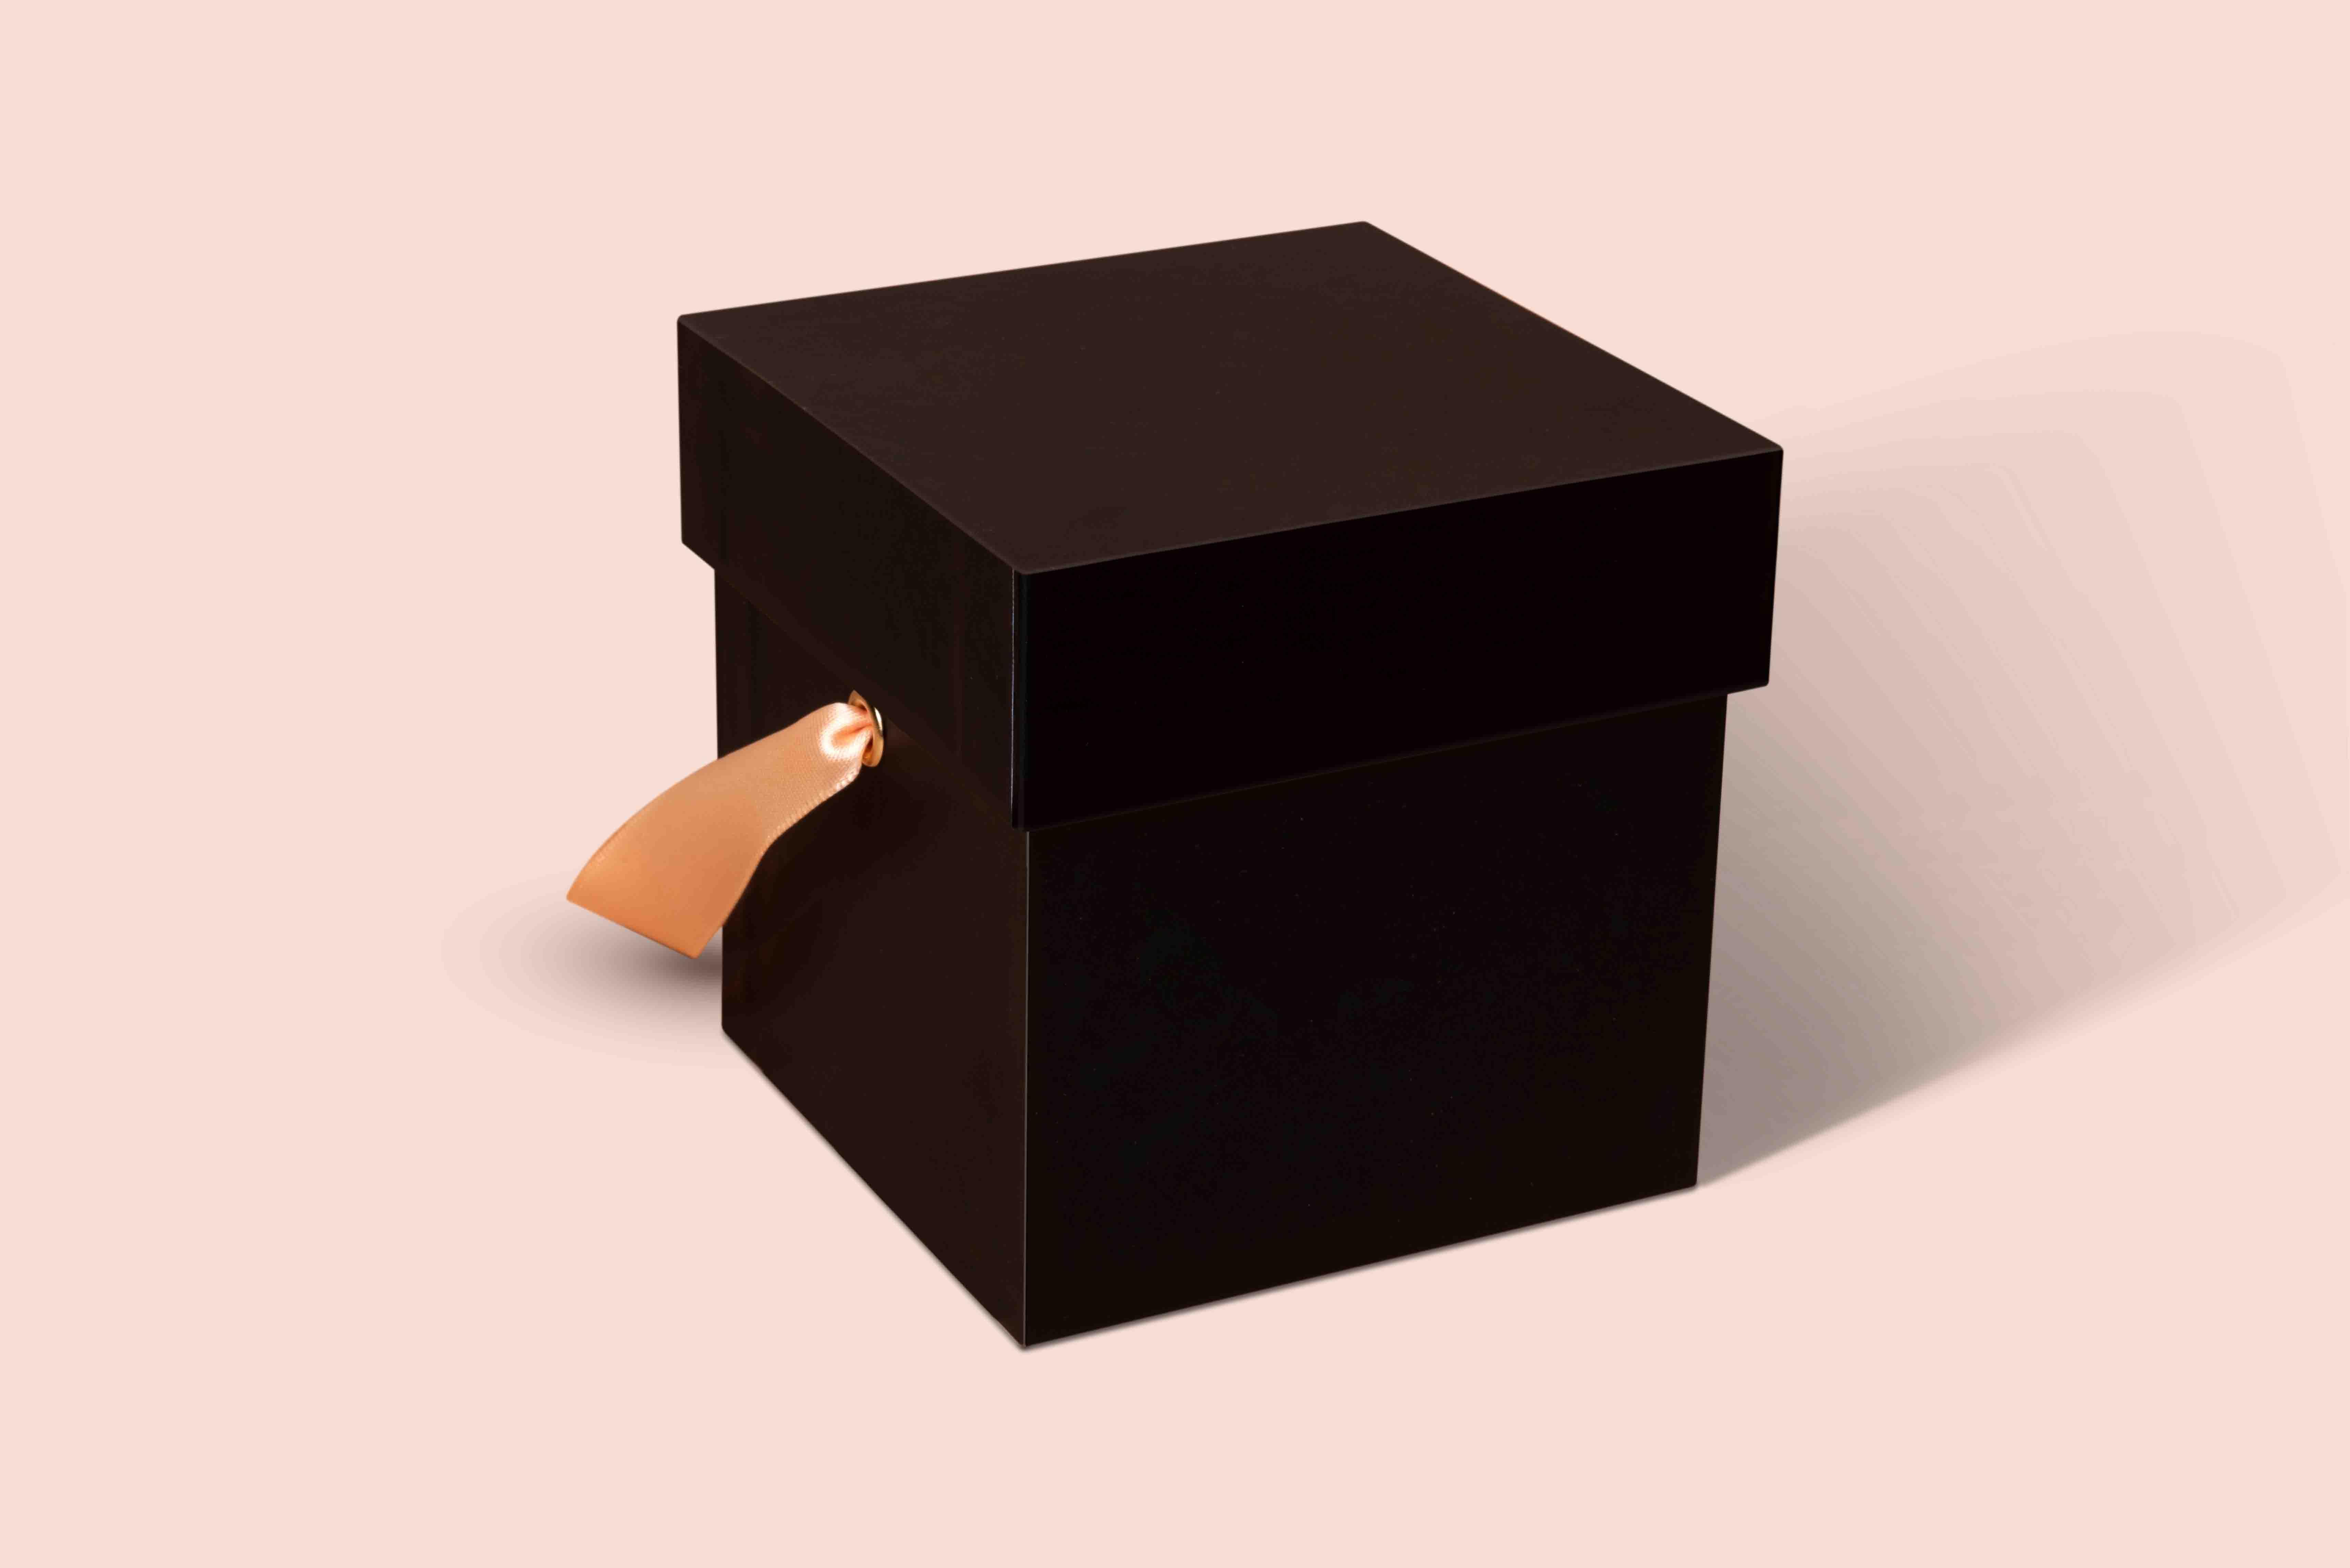 Individuelle Verpackungslösungen